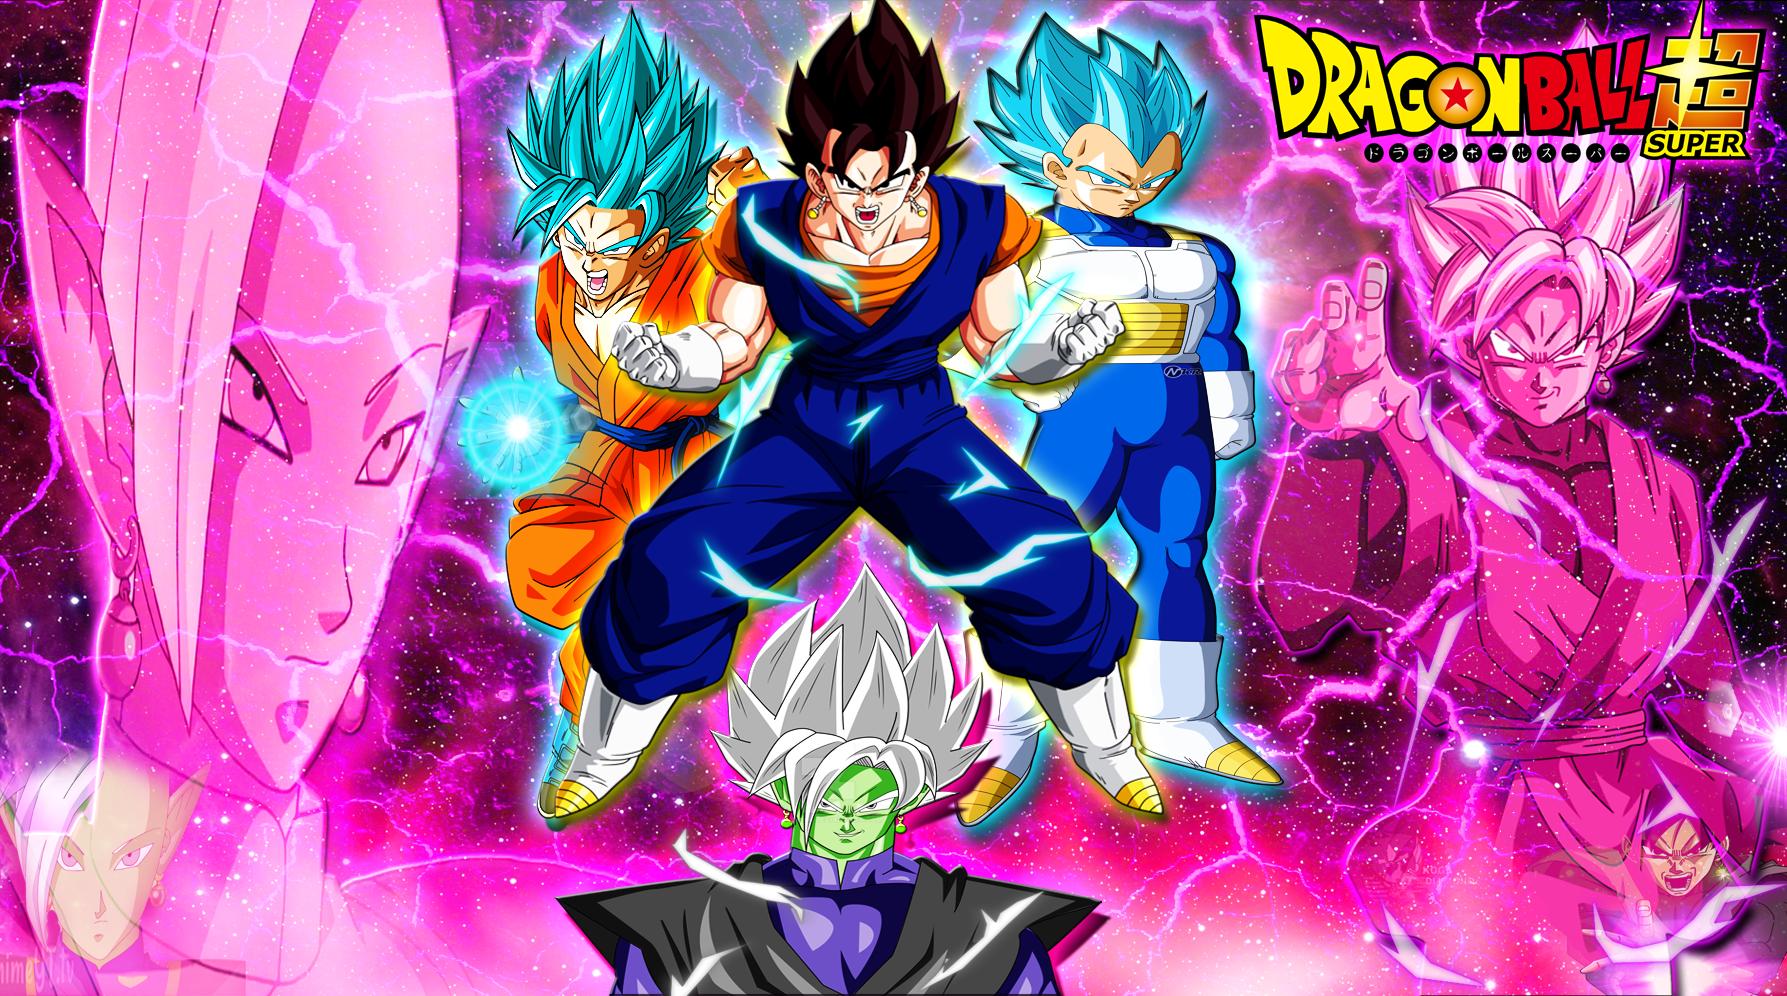 Dragon Ball Z Super Fondo De Pantalla And Fondo De